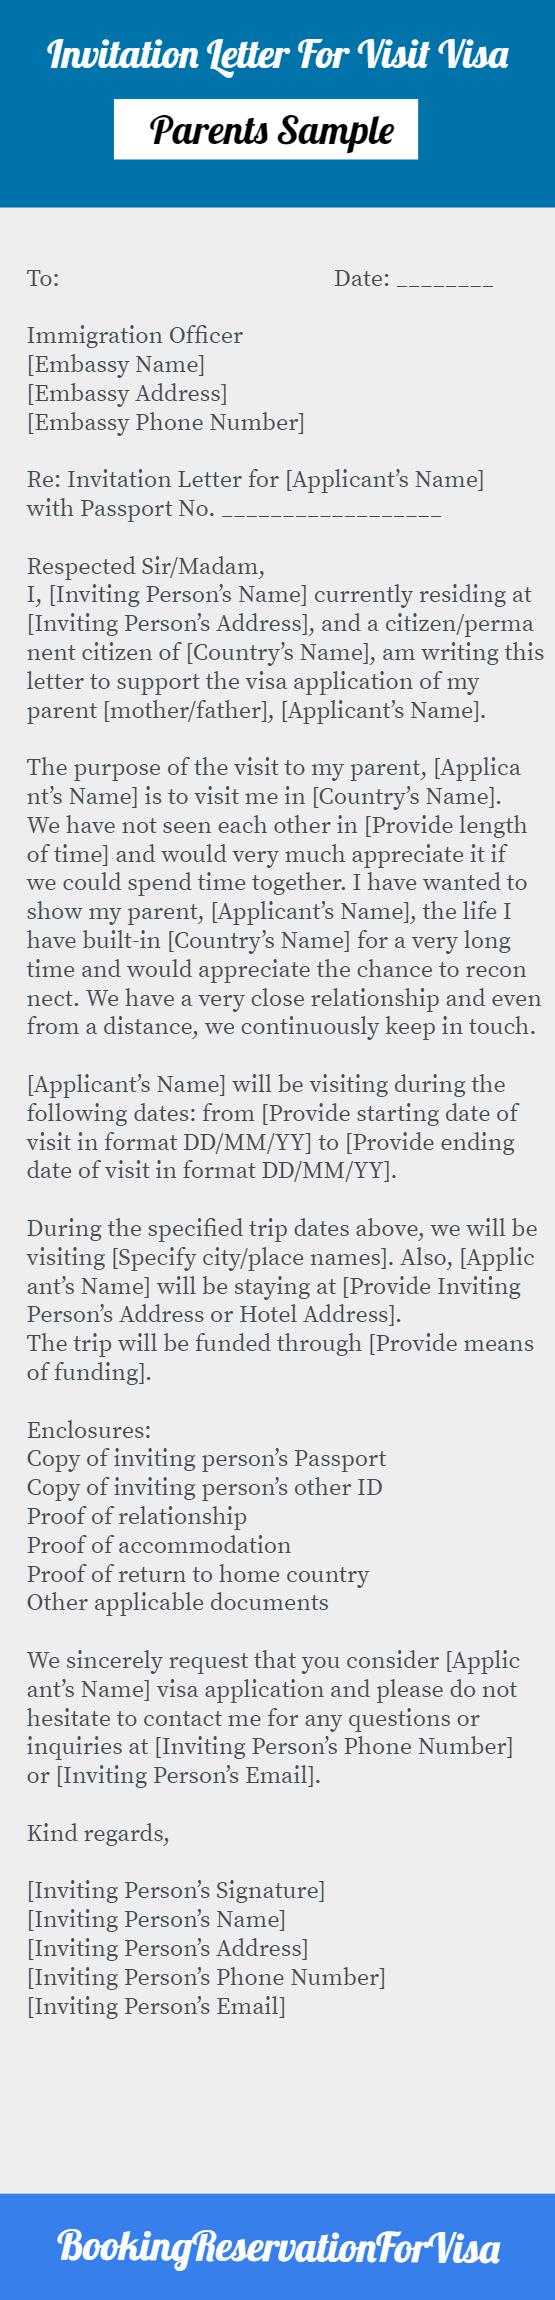 Invitation-letter-for-parents-visit-visa-sample